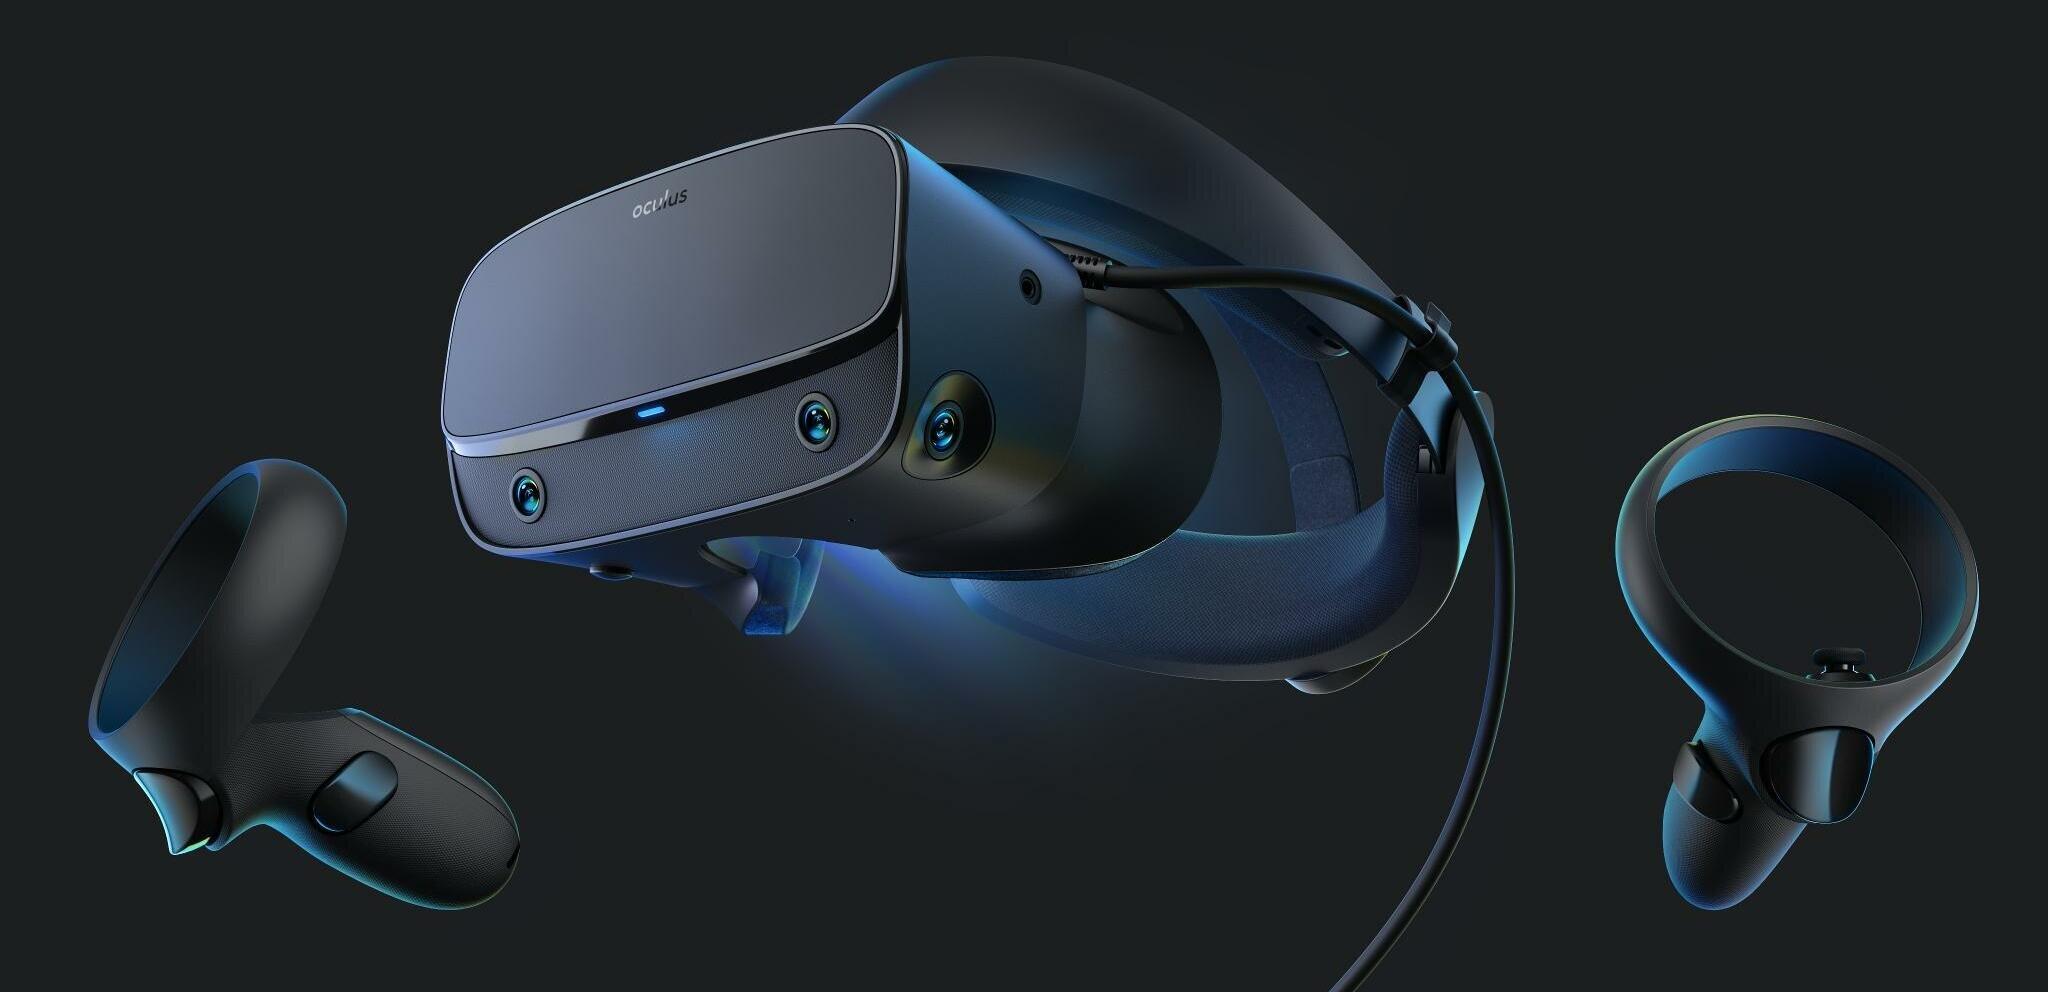 Oculus Rift S : un nouveau casque de VR à 399 dollars